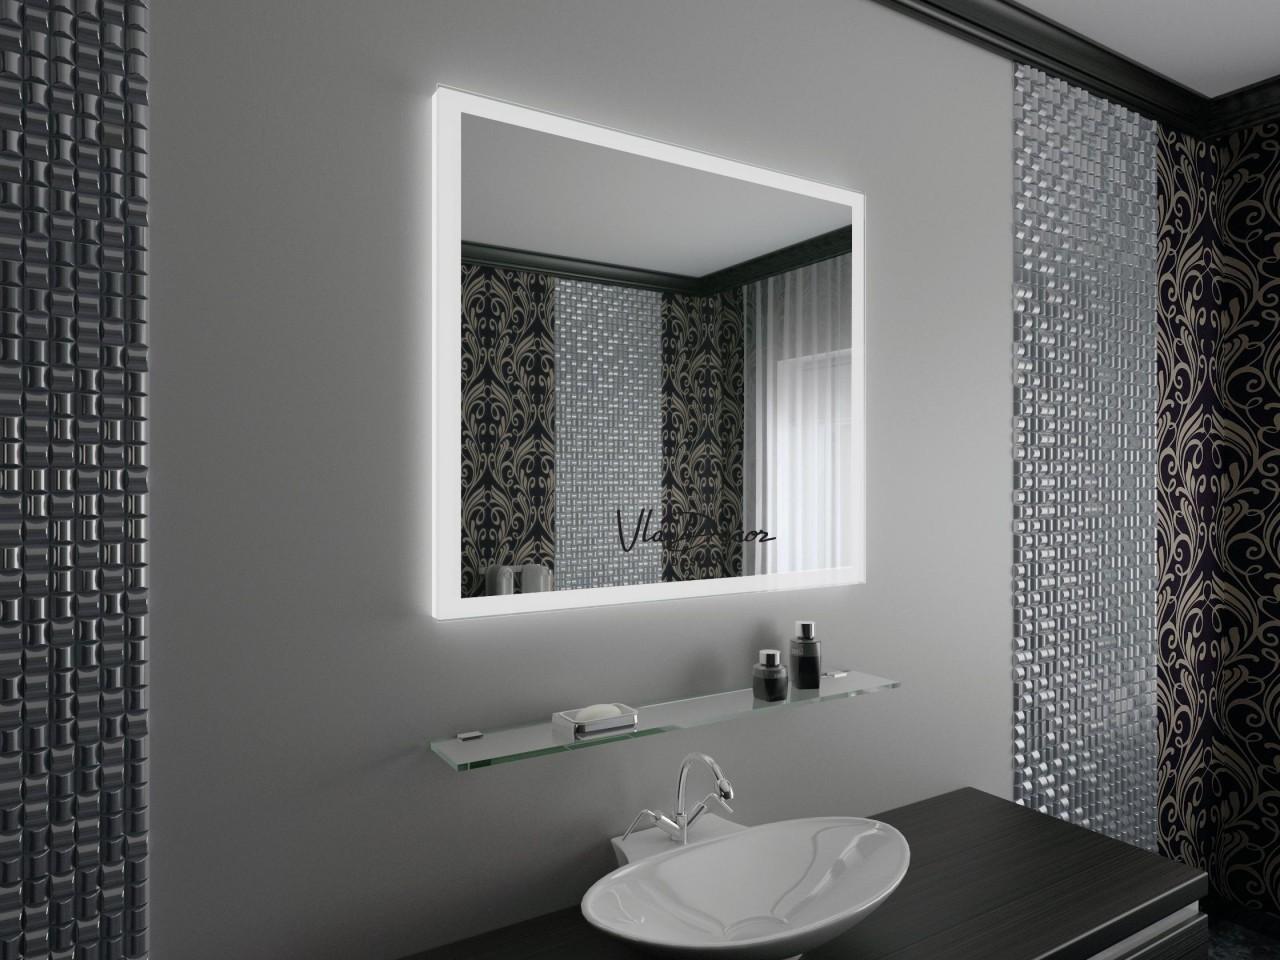 Как зеркало с подсветкой может изменить интерьер ванной: 7 вдохновляющих идей